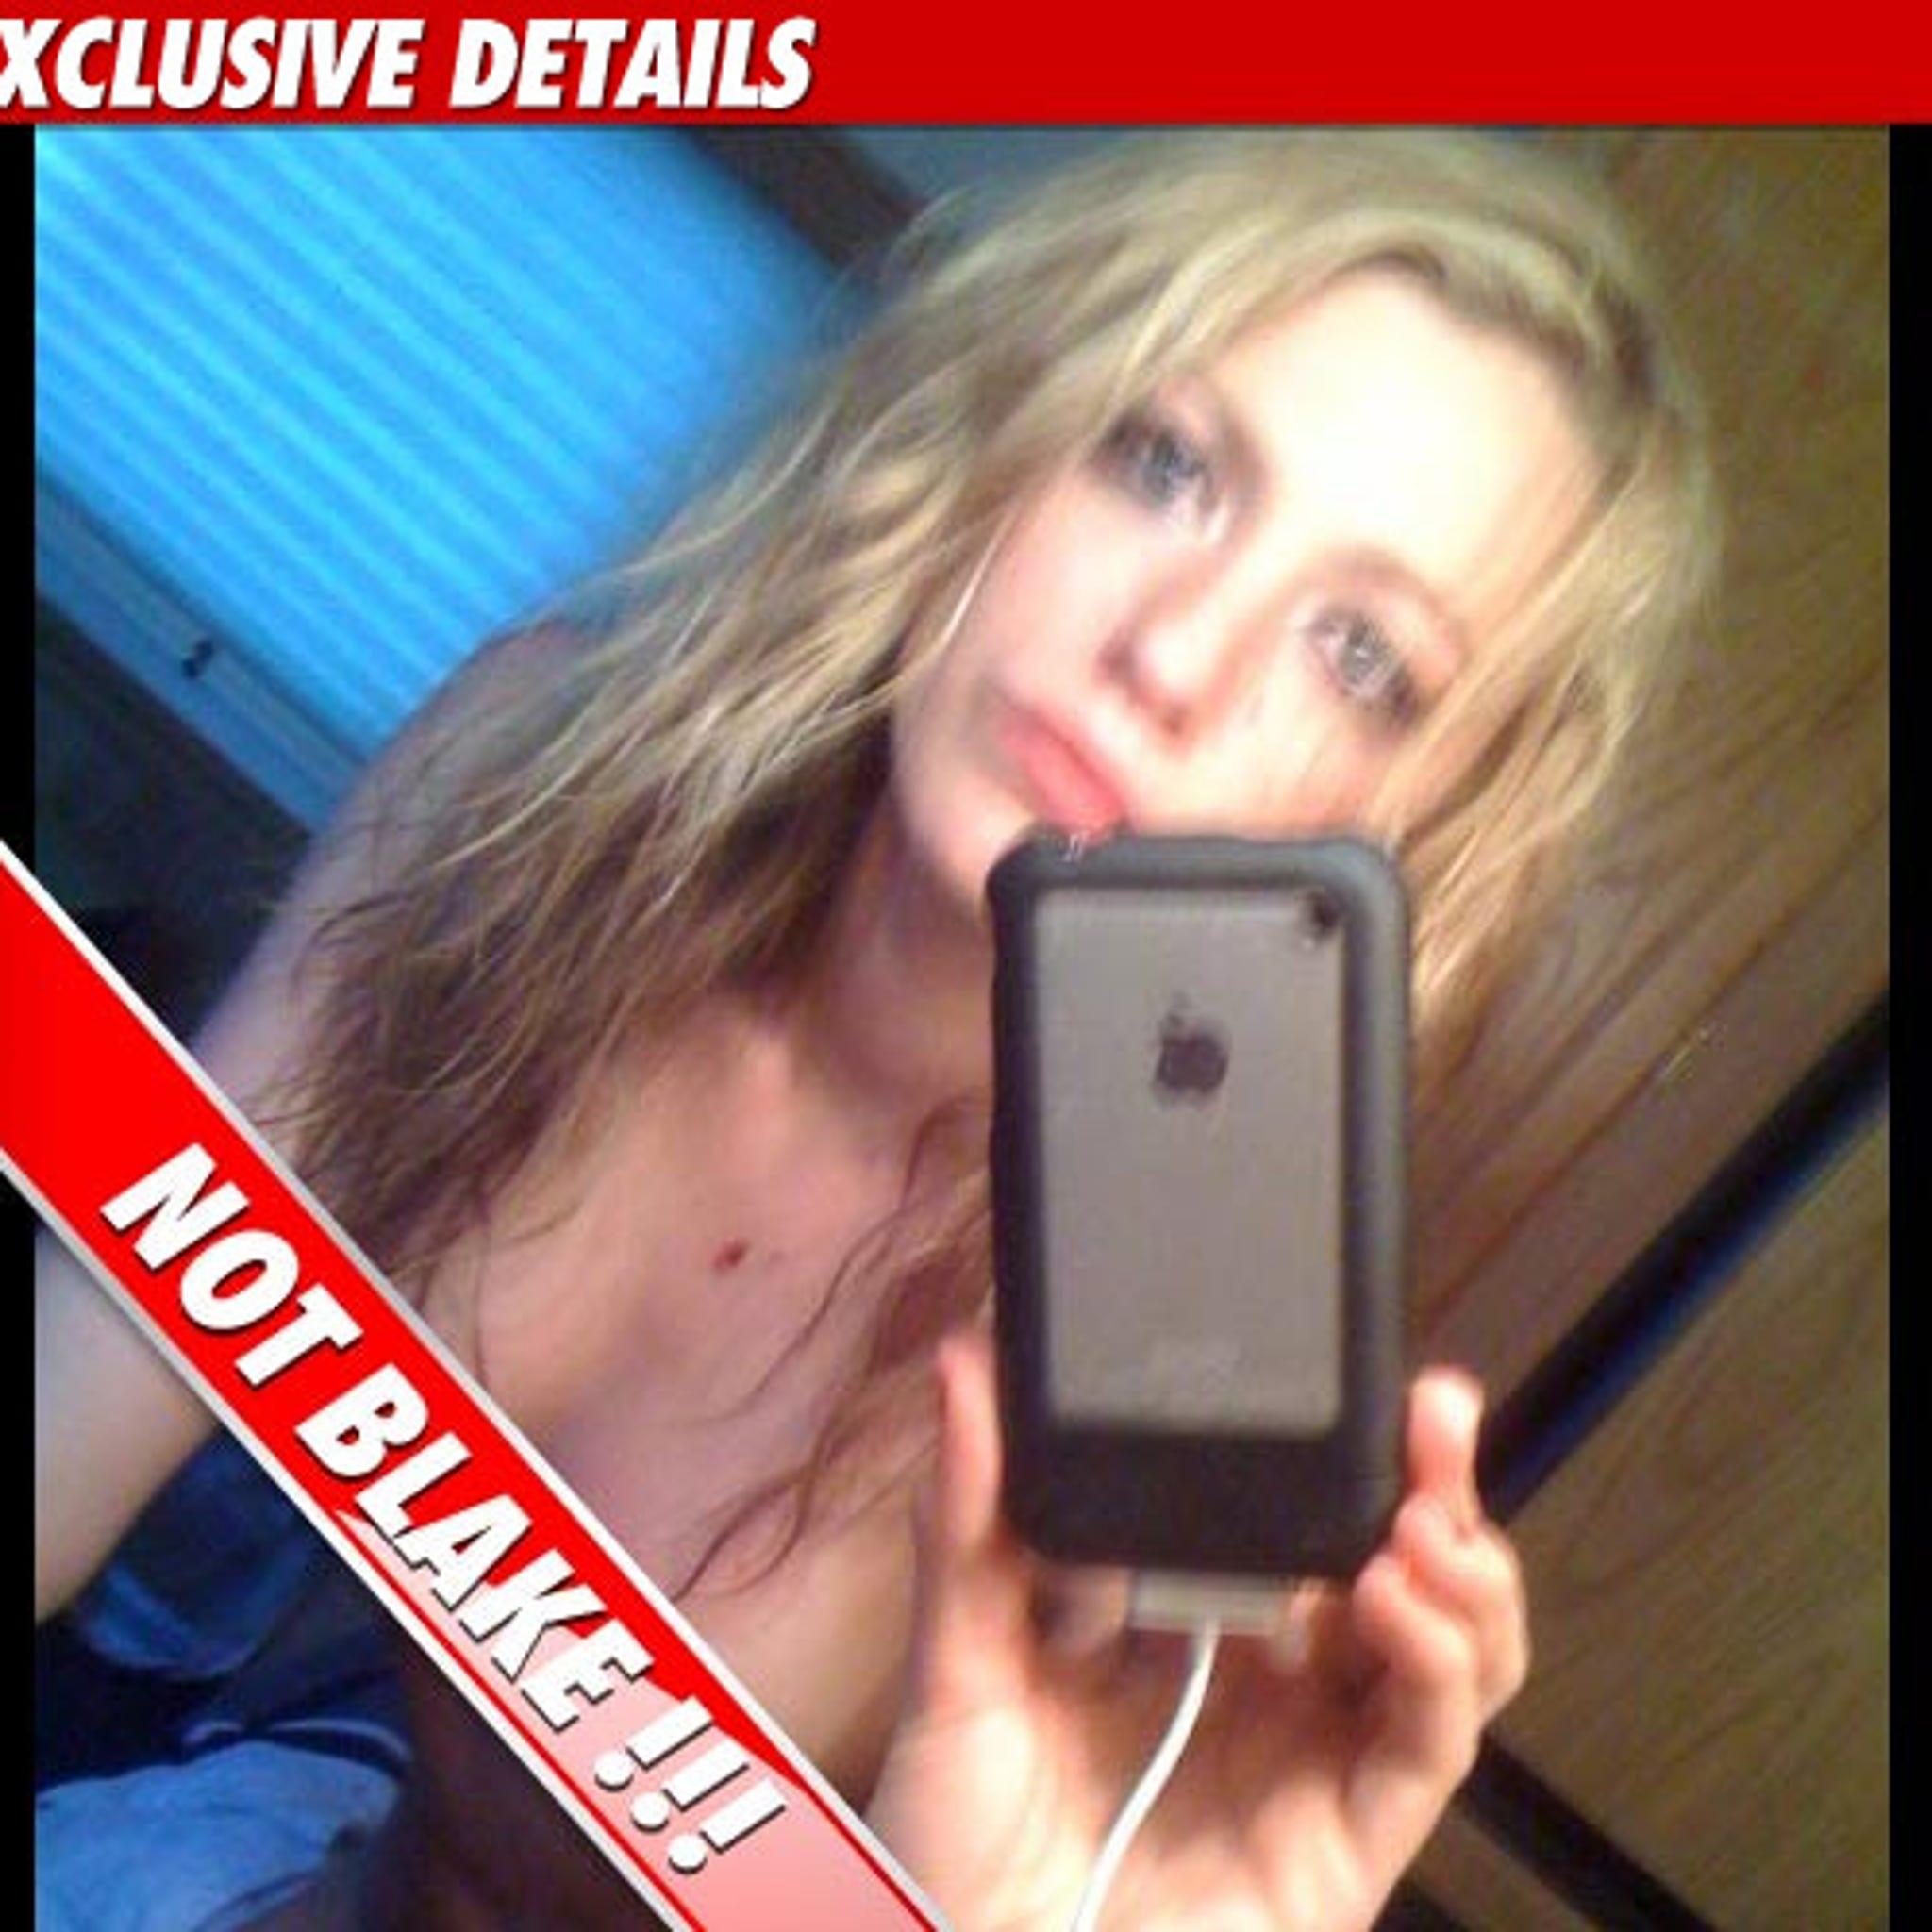 Blake lively fakes naked